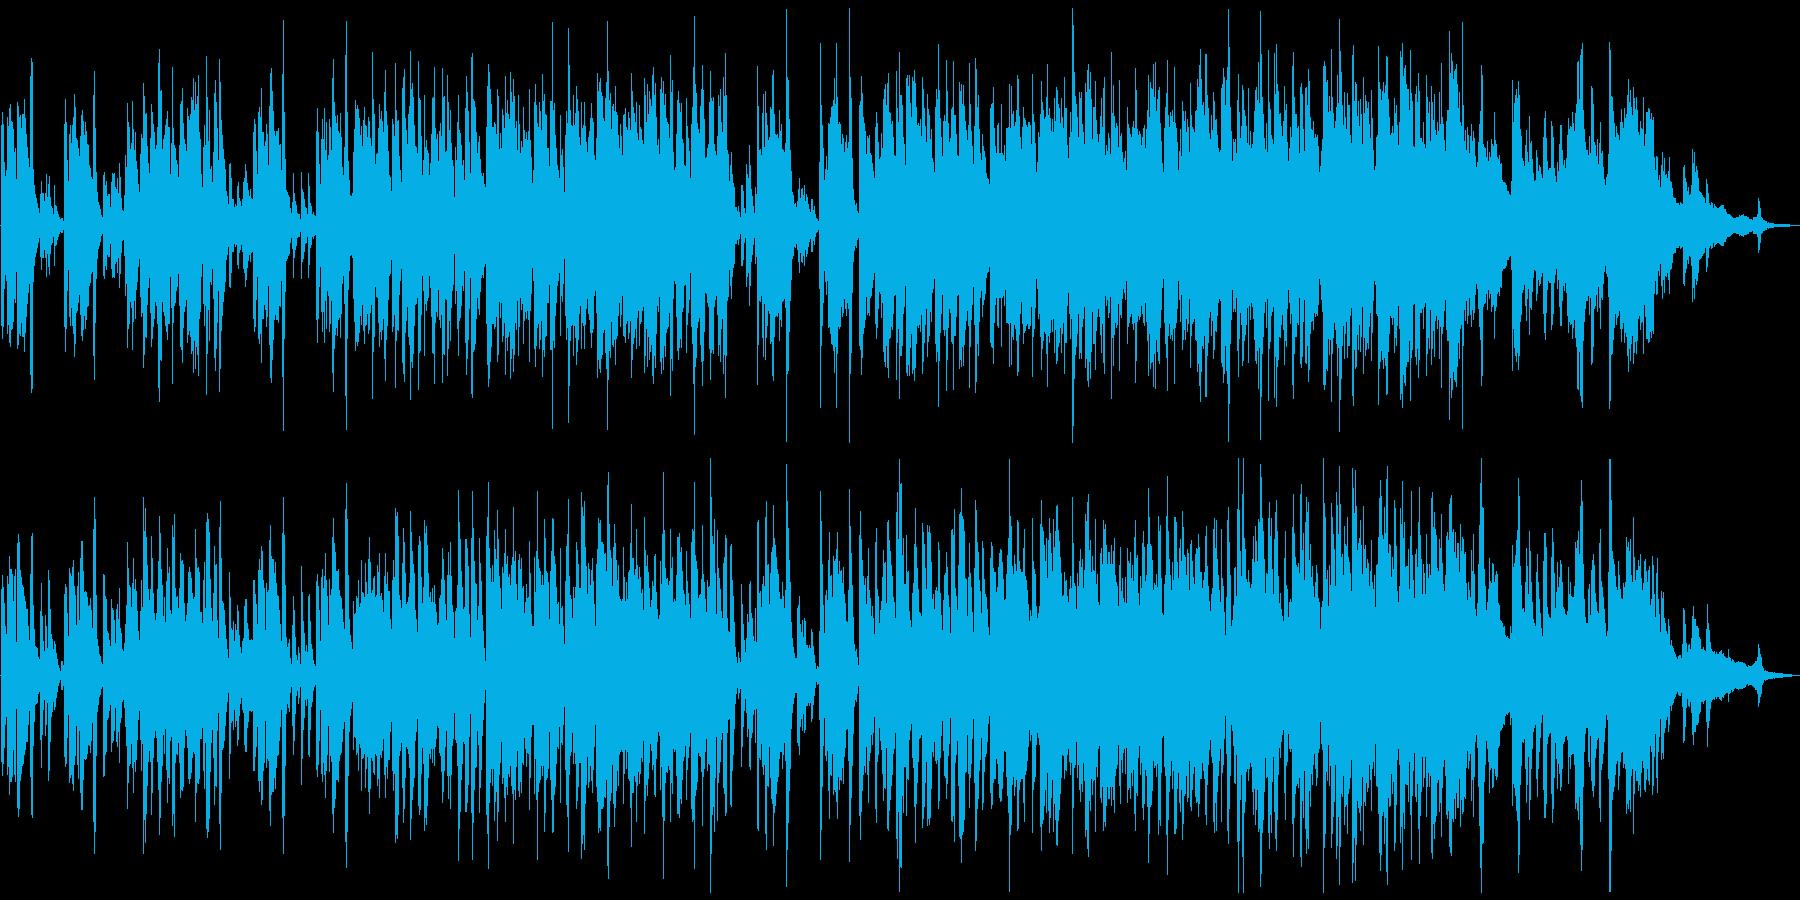 黒猫をイメージした小悪魔ピアノジャズの再生済みの波形